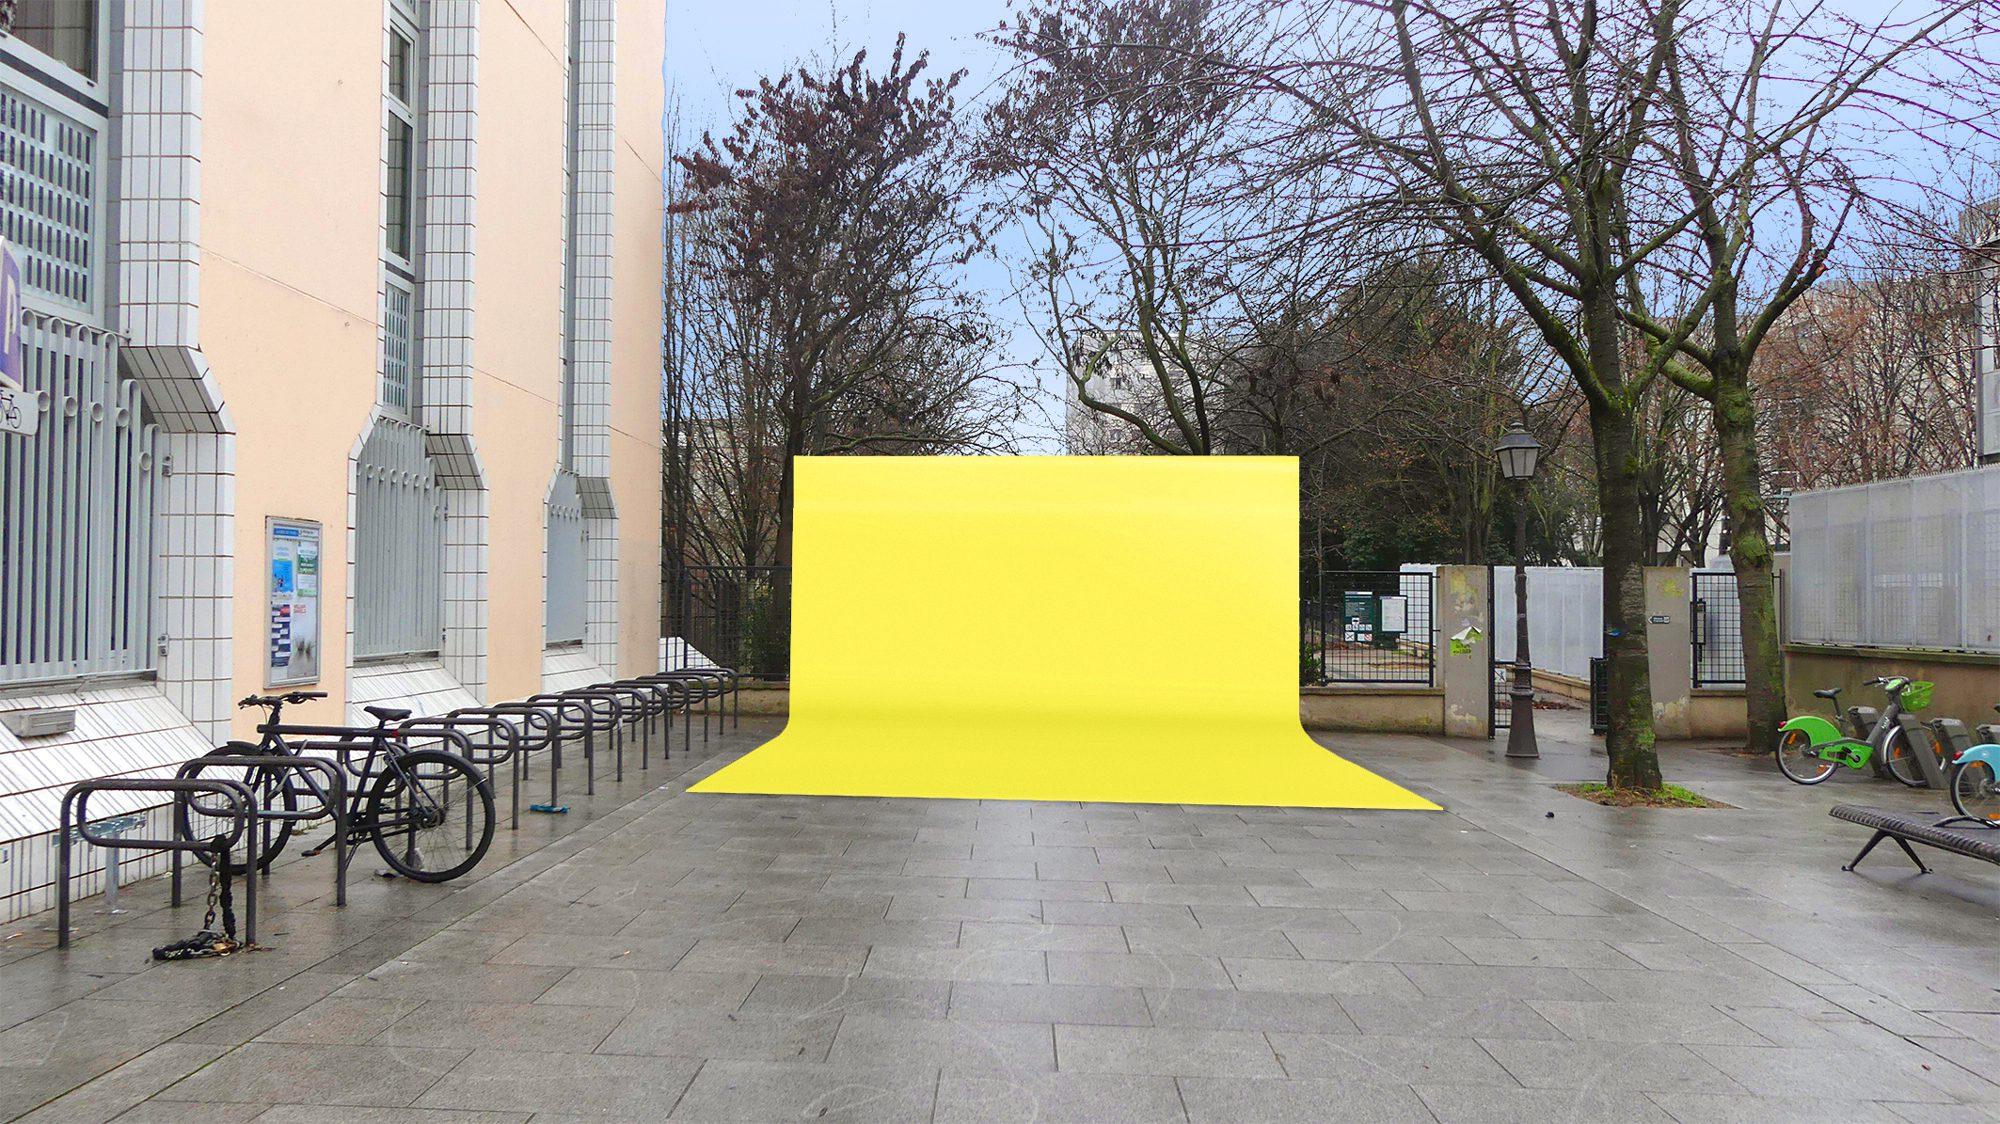 fond d'incrustation vidéo jaune mis en scene place carmen dans le cadre du projet embellir paris